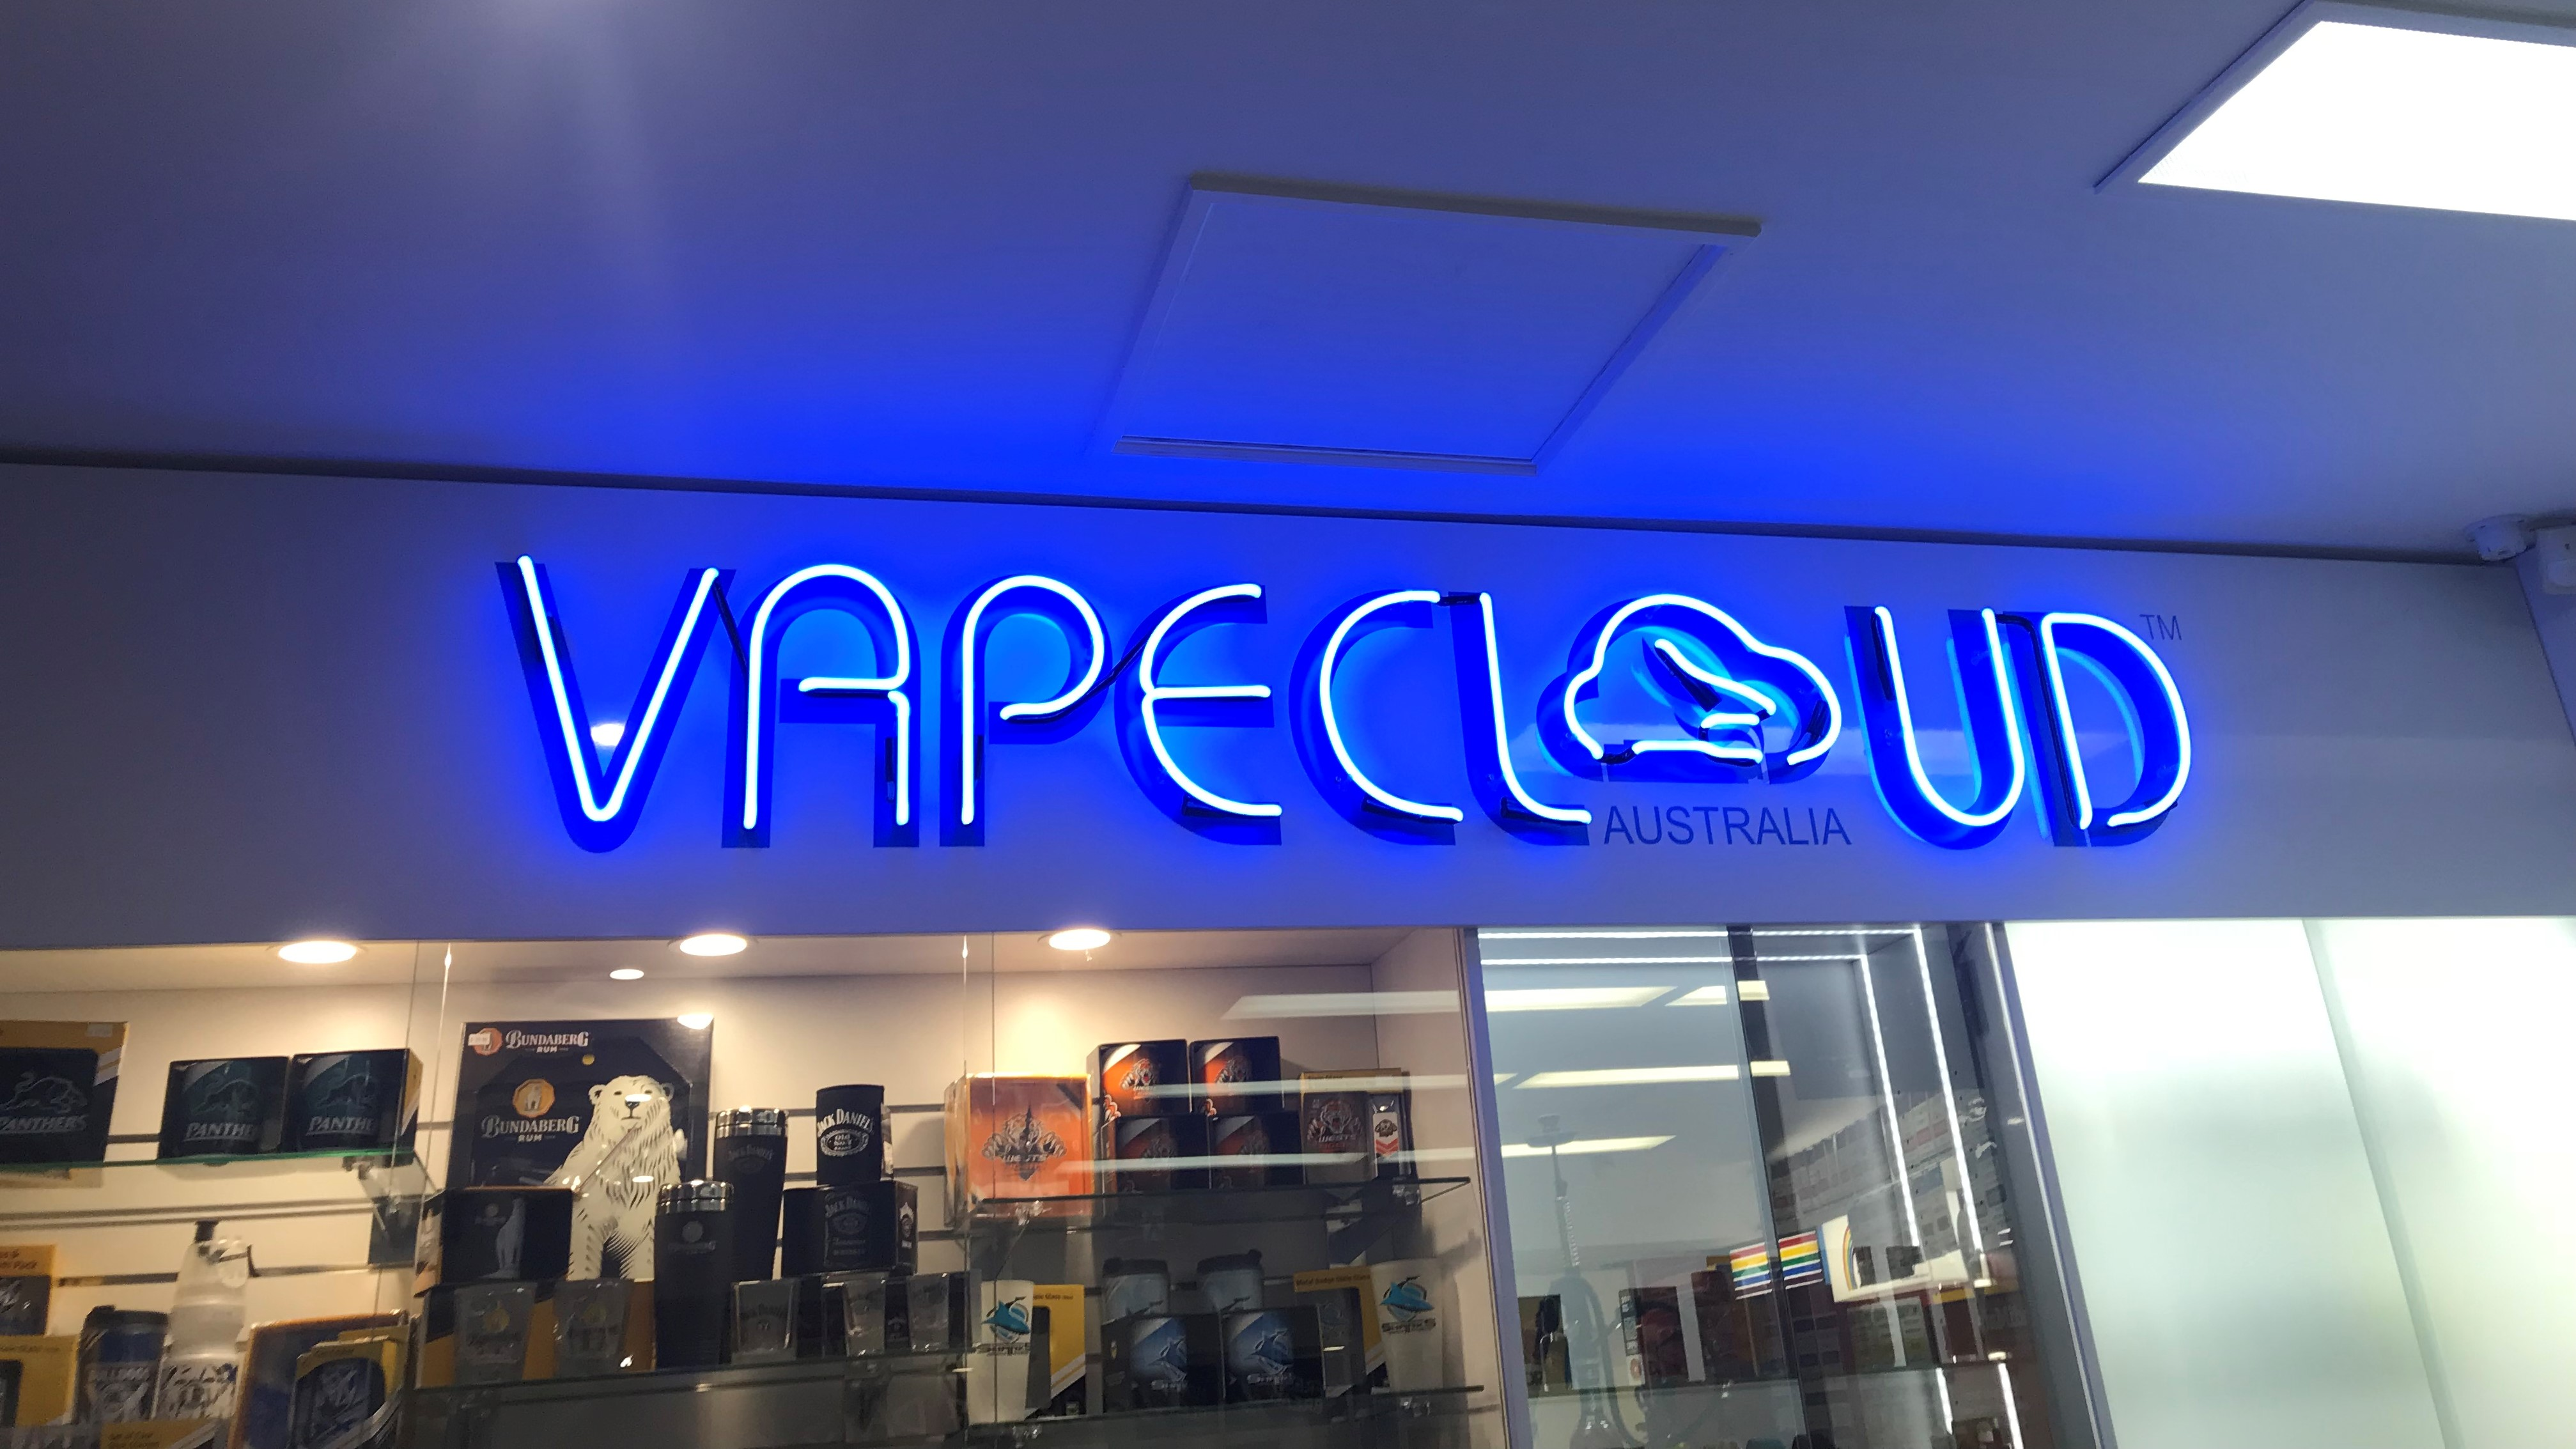 Vapecloud